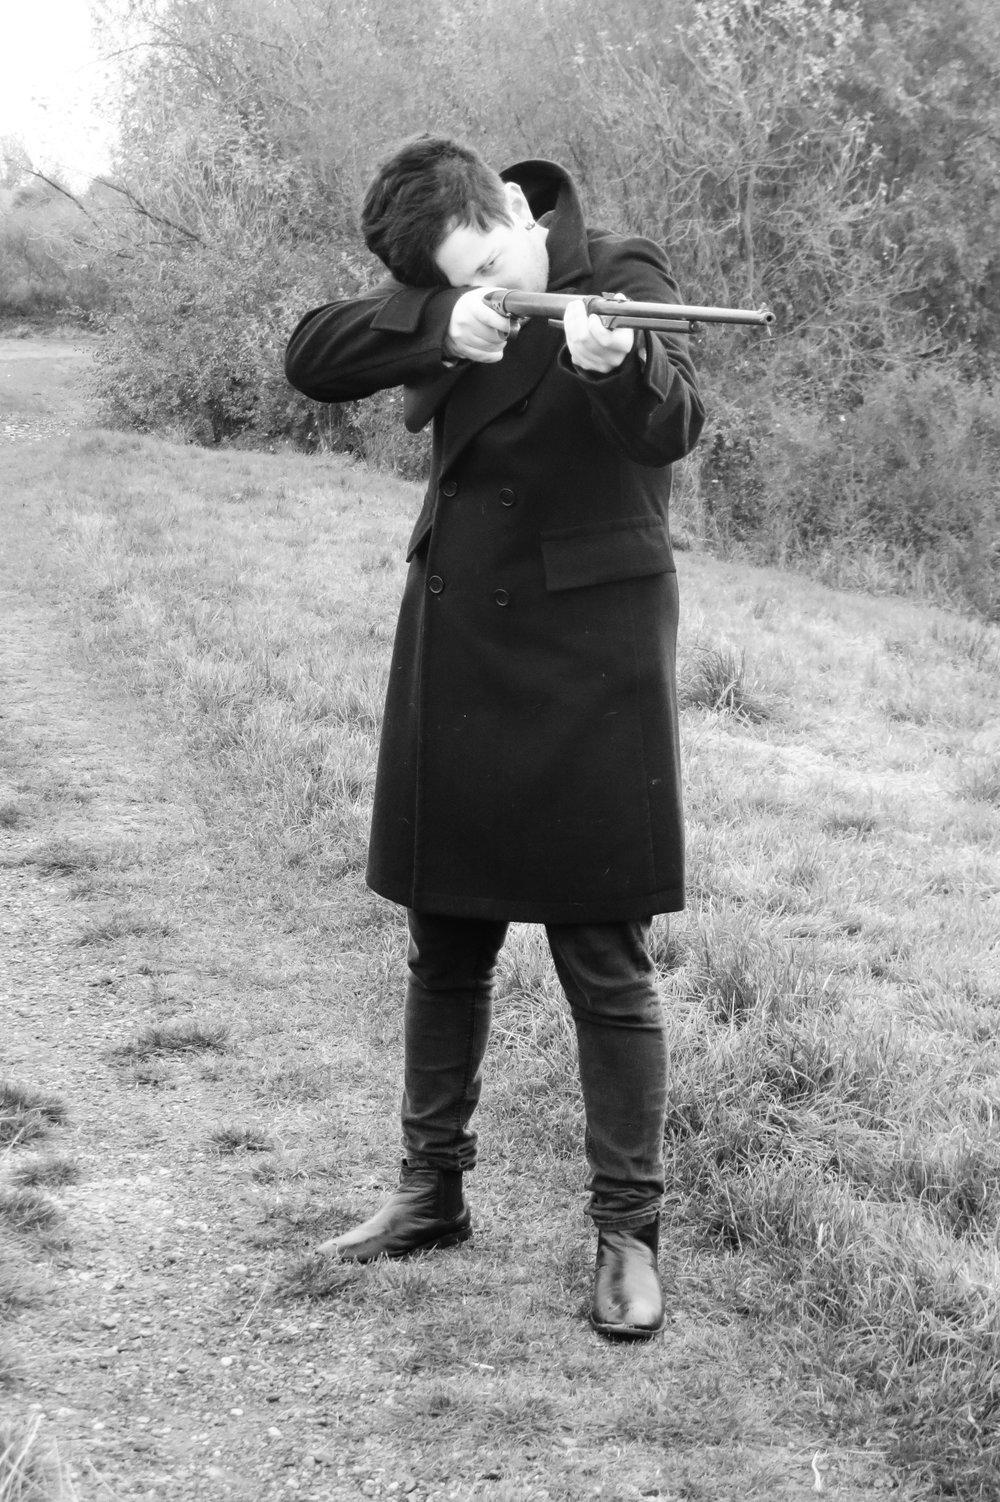 CUPID CARRIES A GUN